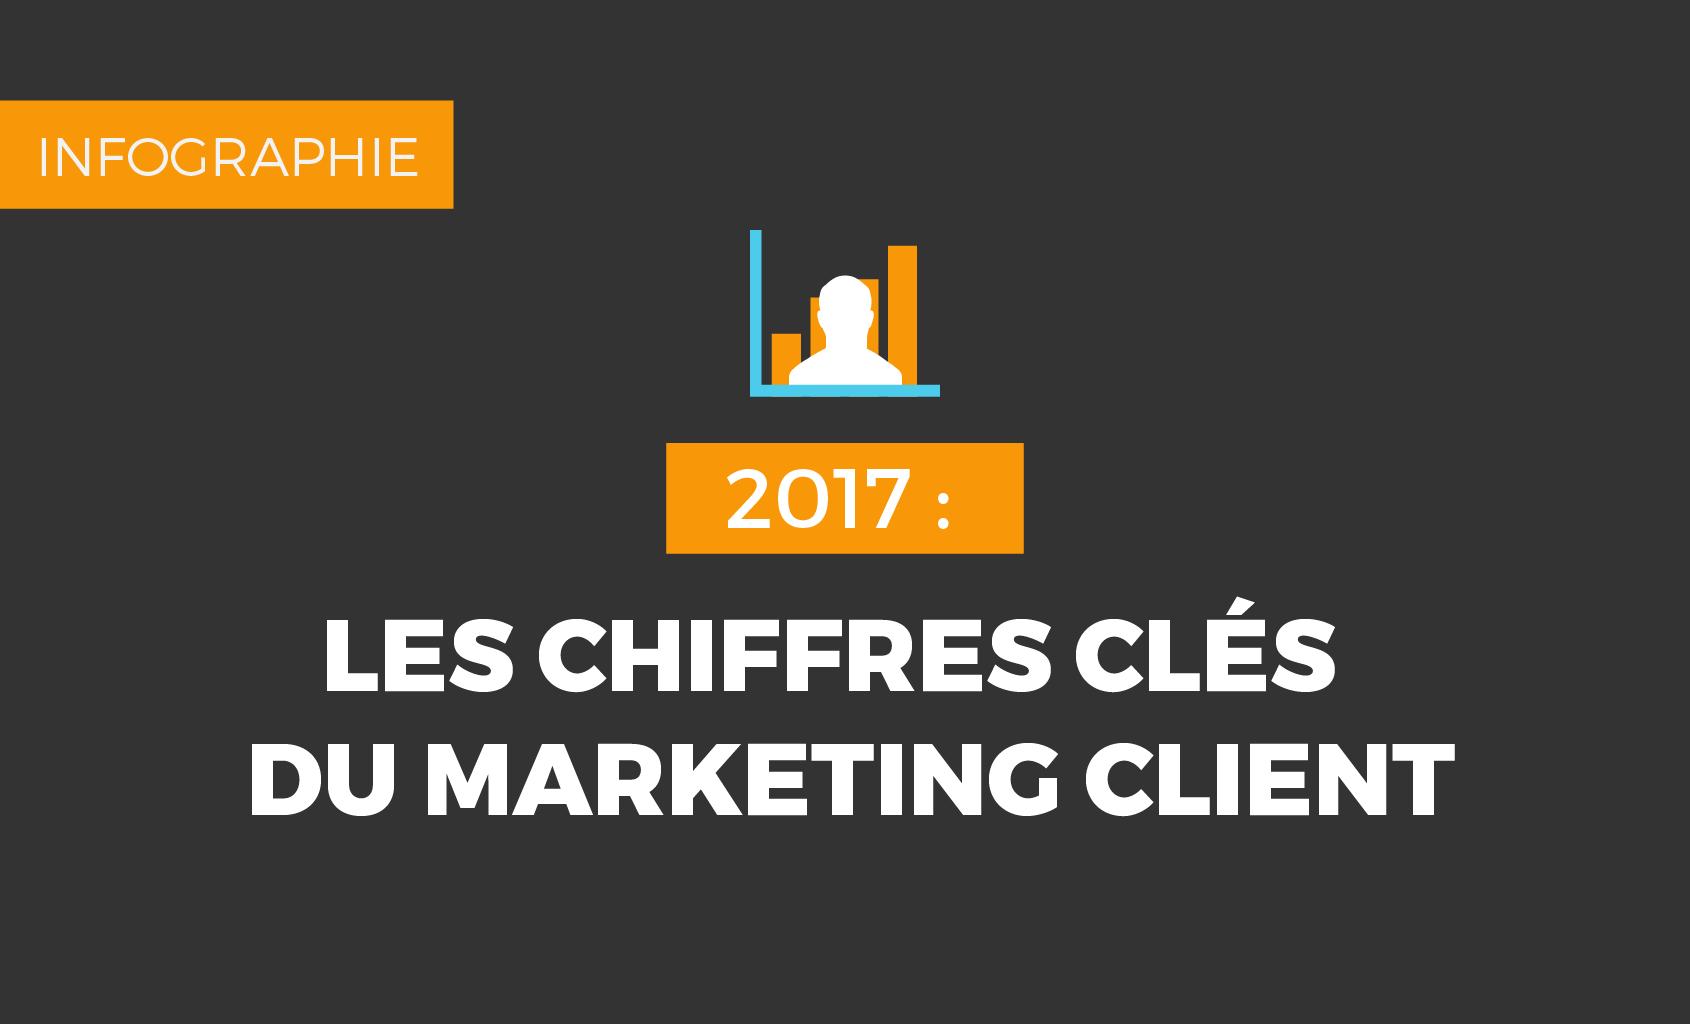 Les chiffres du marketing client 2017